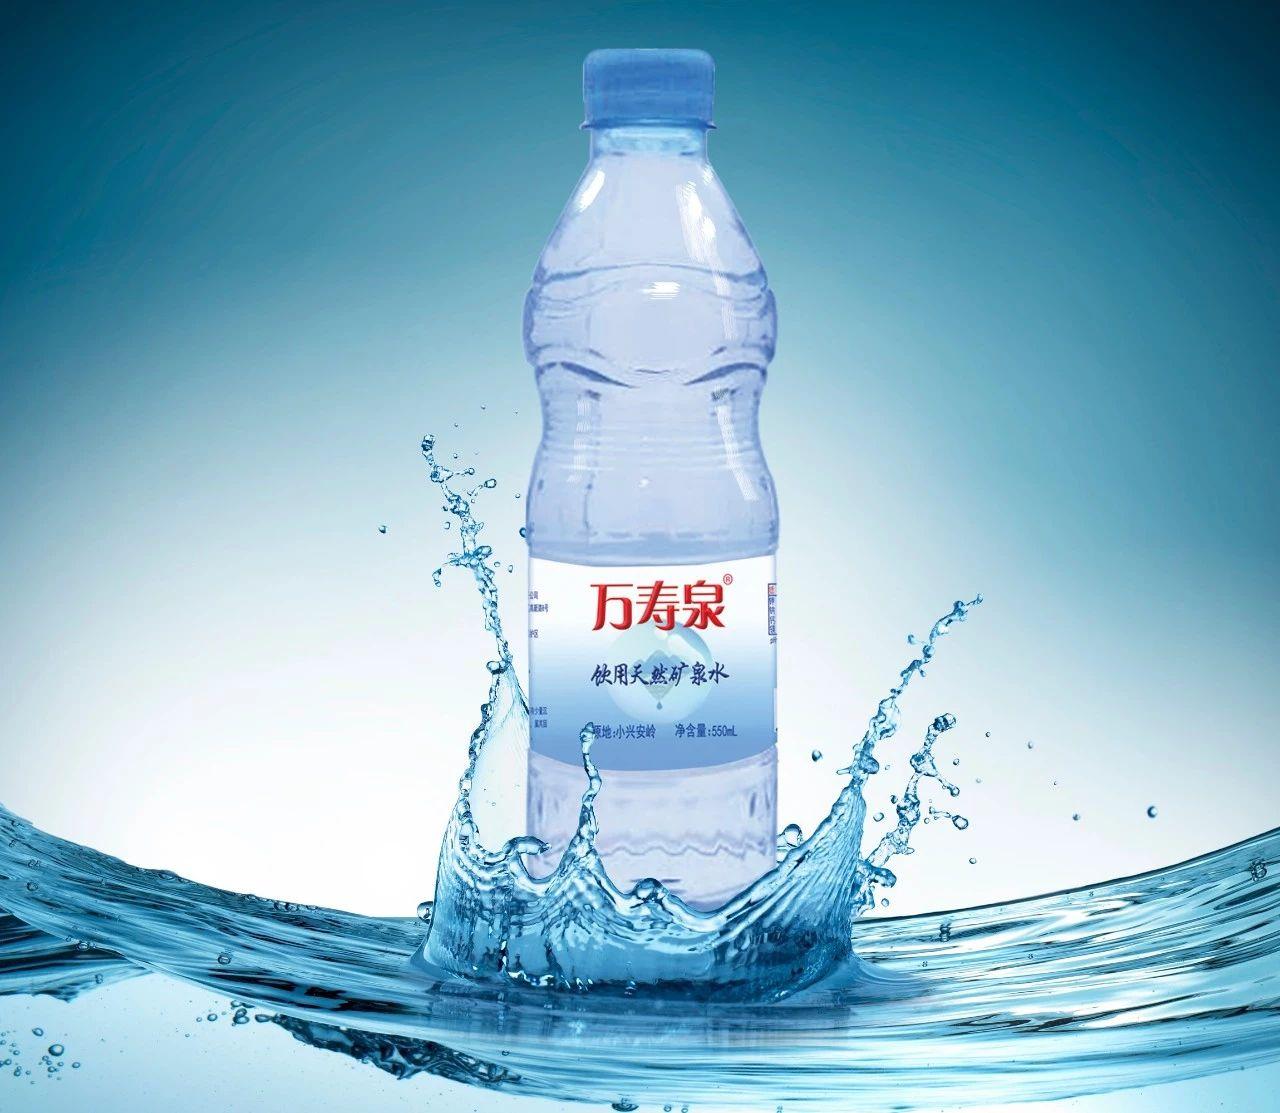 黑龍江高鍶礦泉水有限責任公司